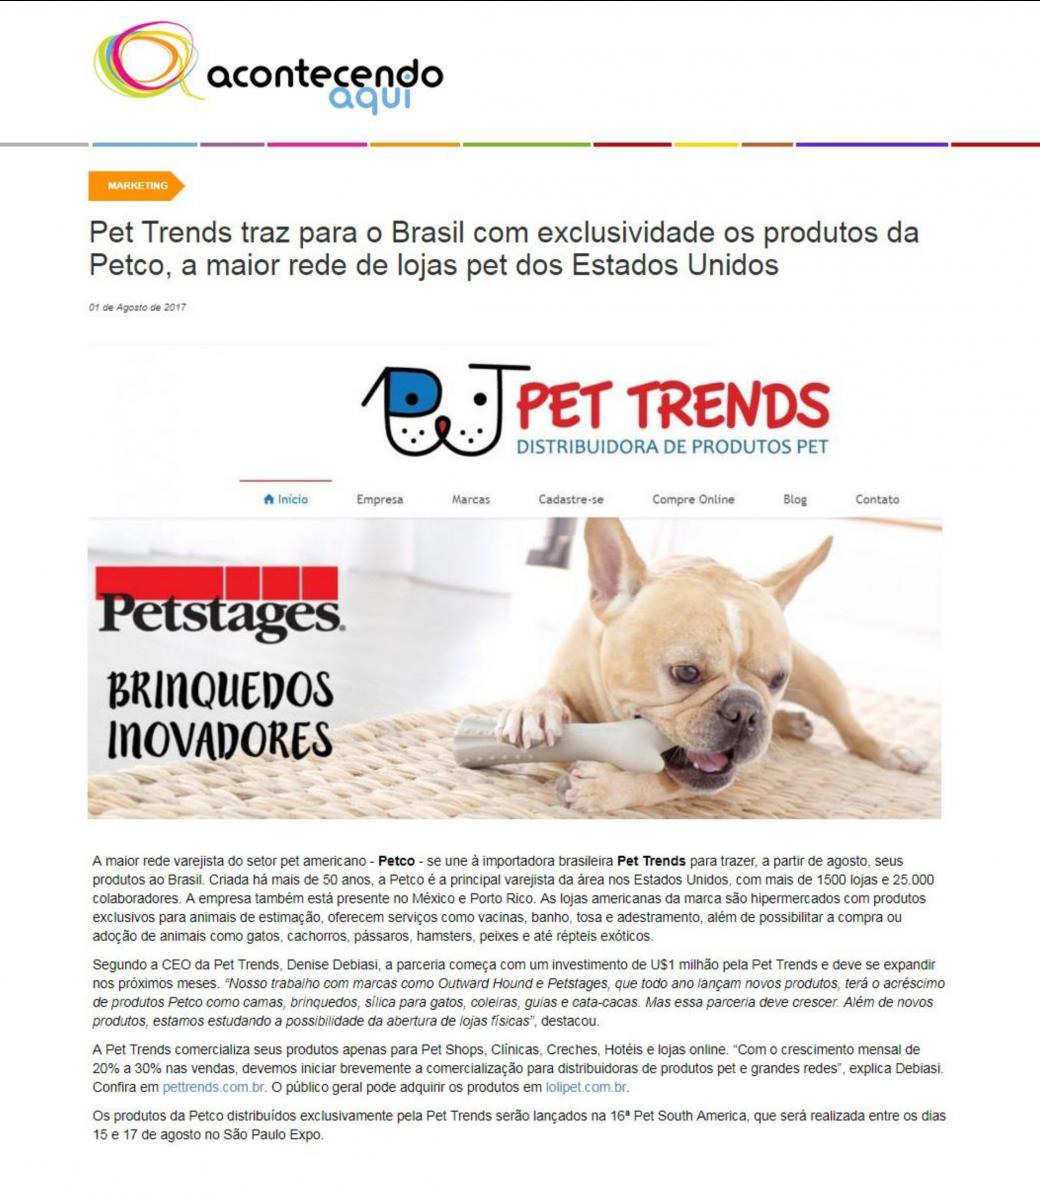 Acontecendo aqui falou sobre a chegada das marcas Petco ao Brasil